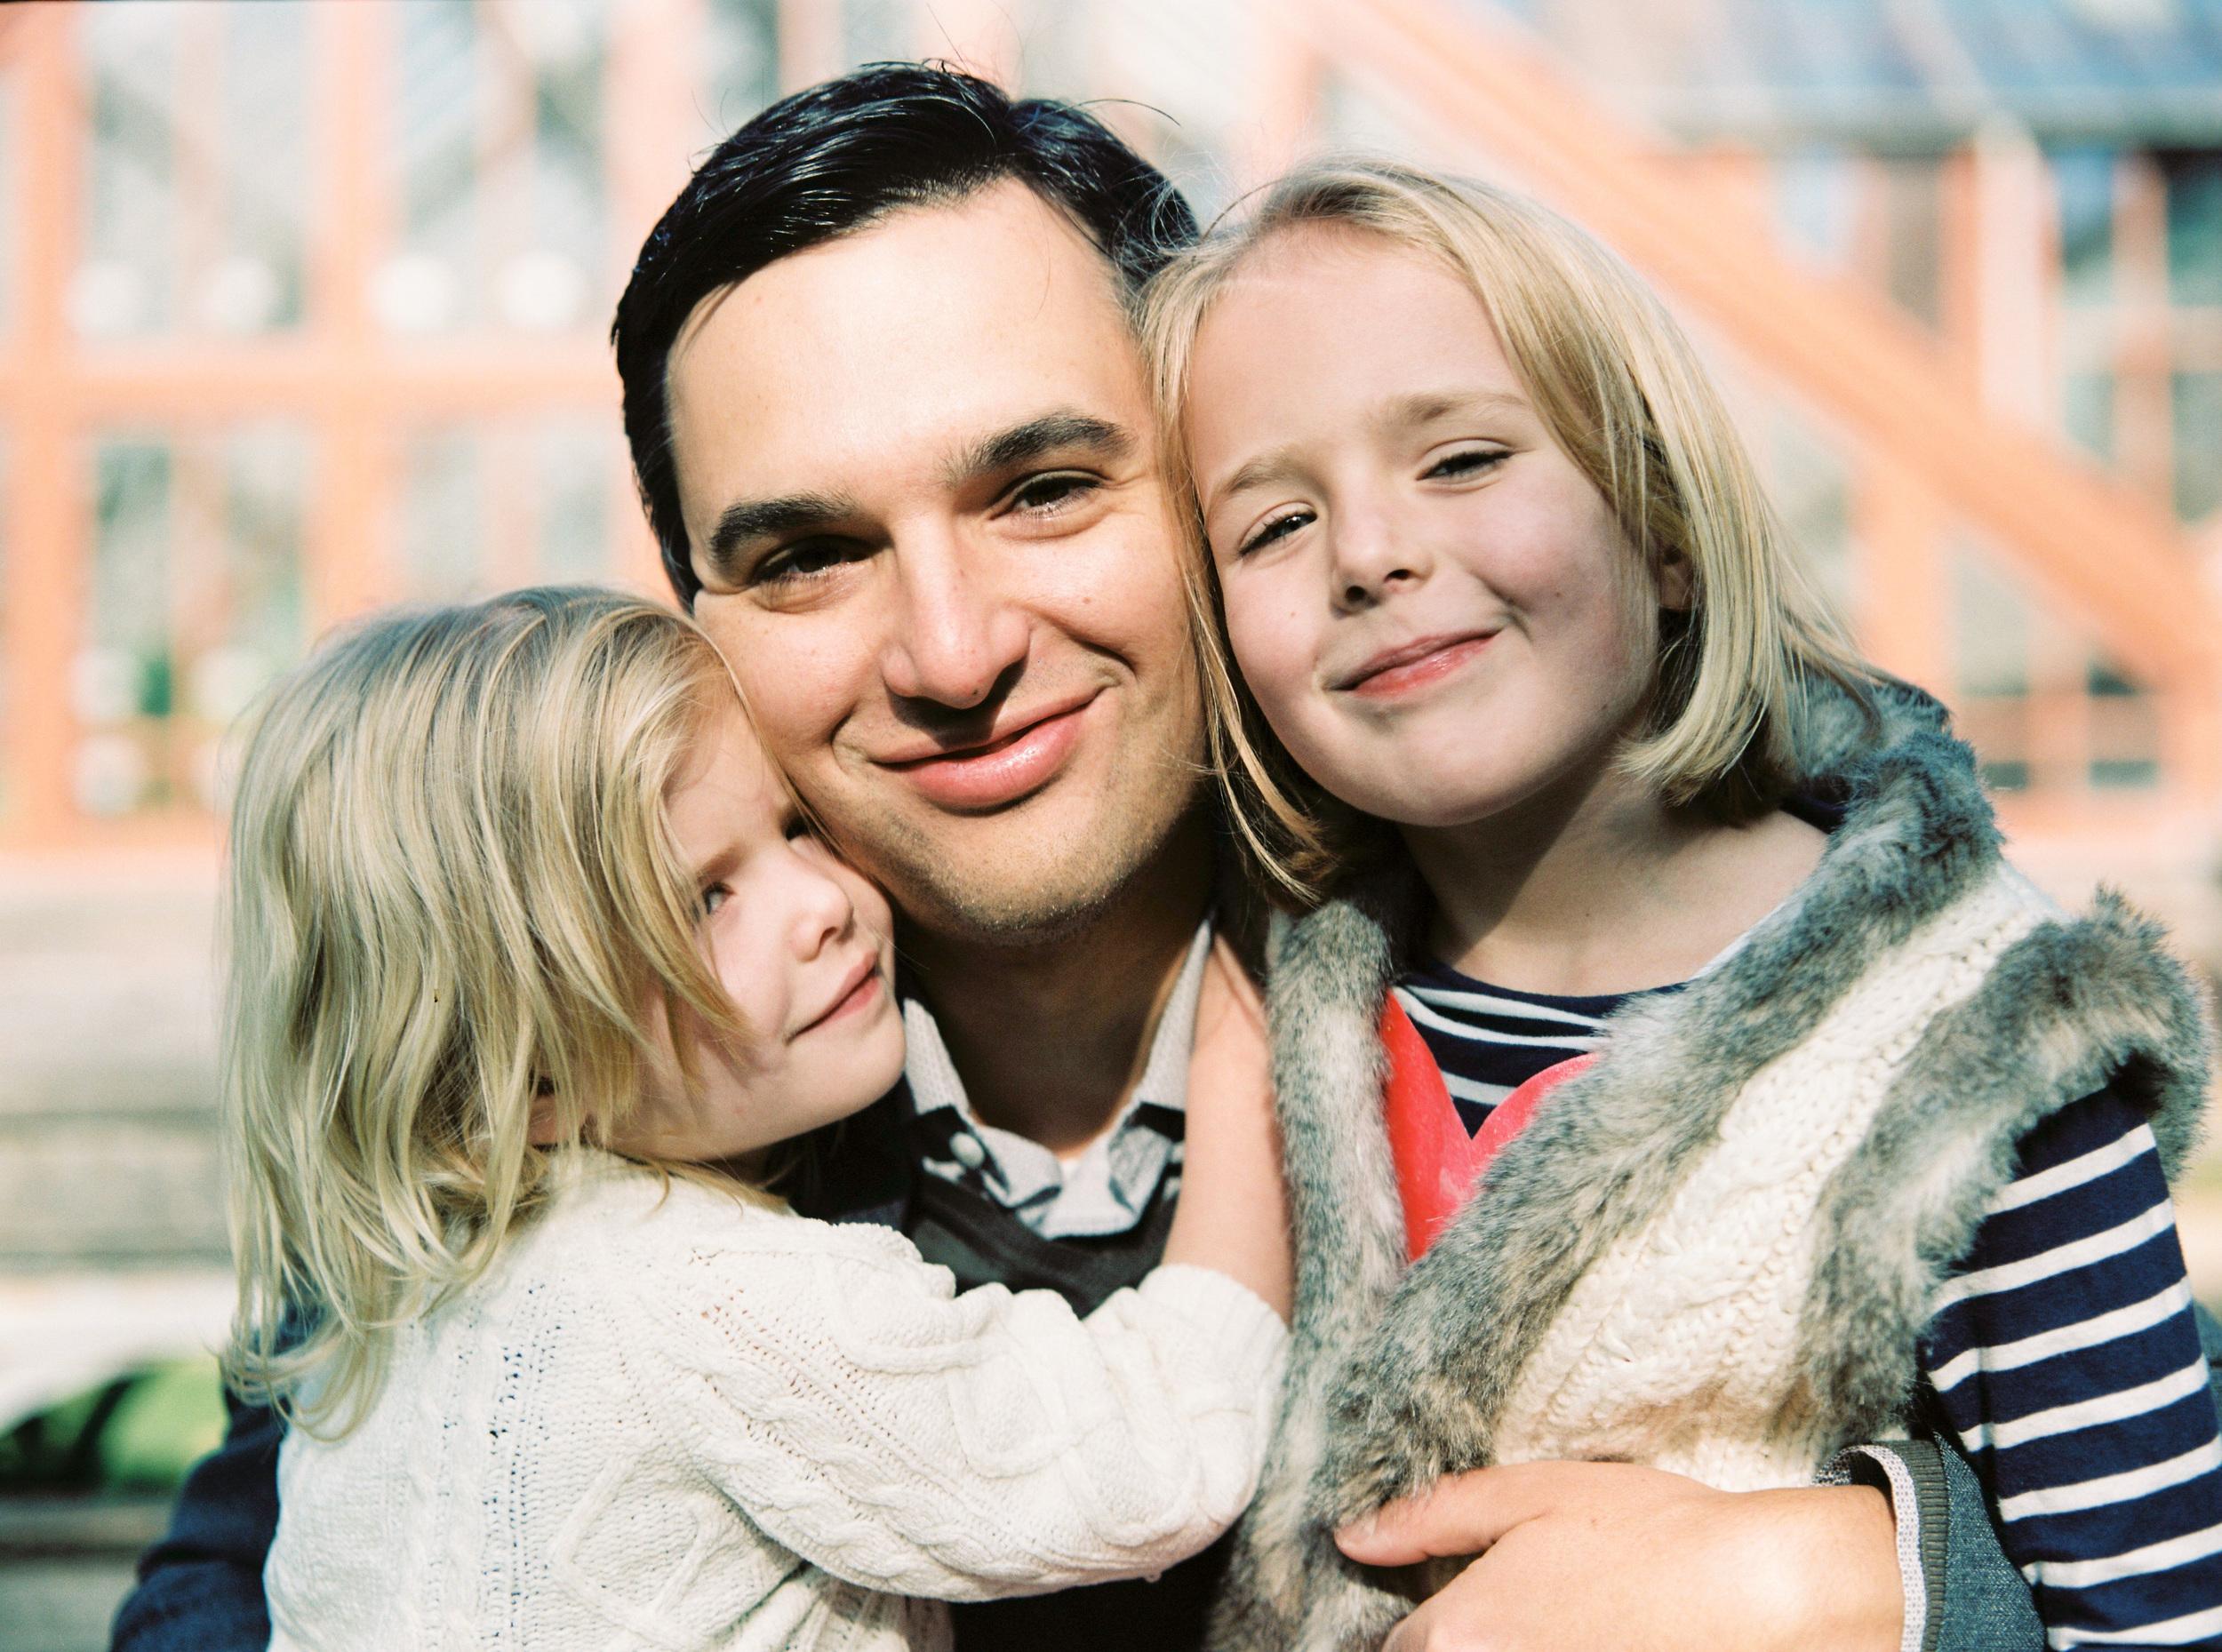 Family Session Merel-42.jpg